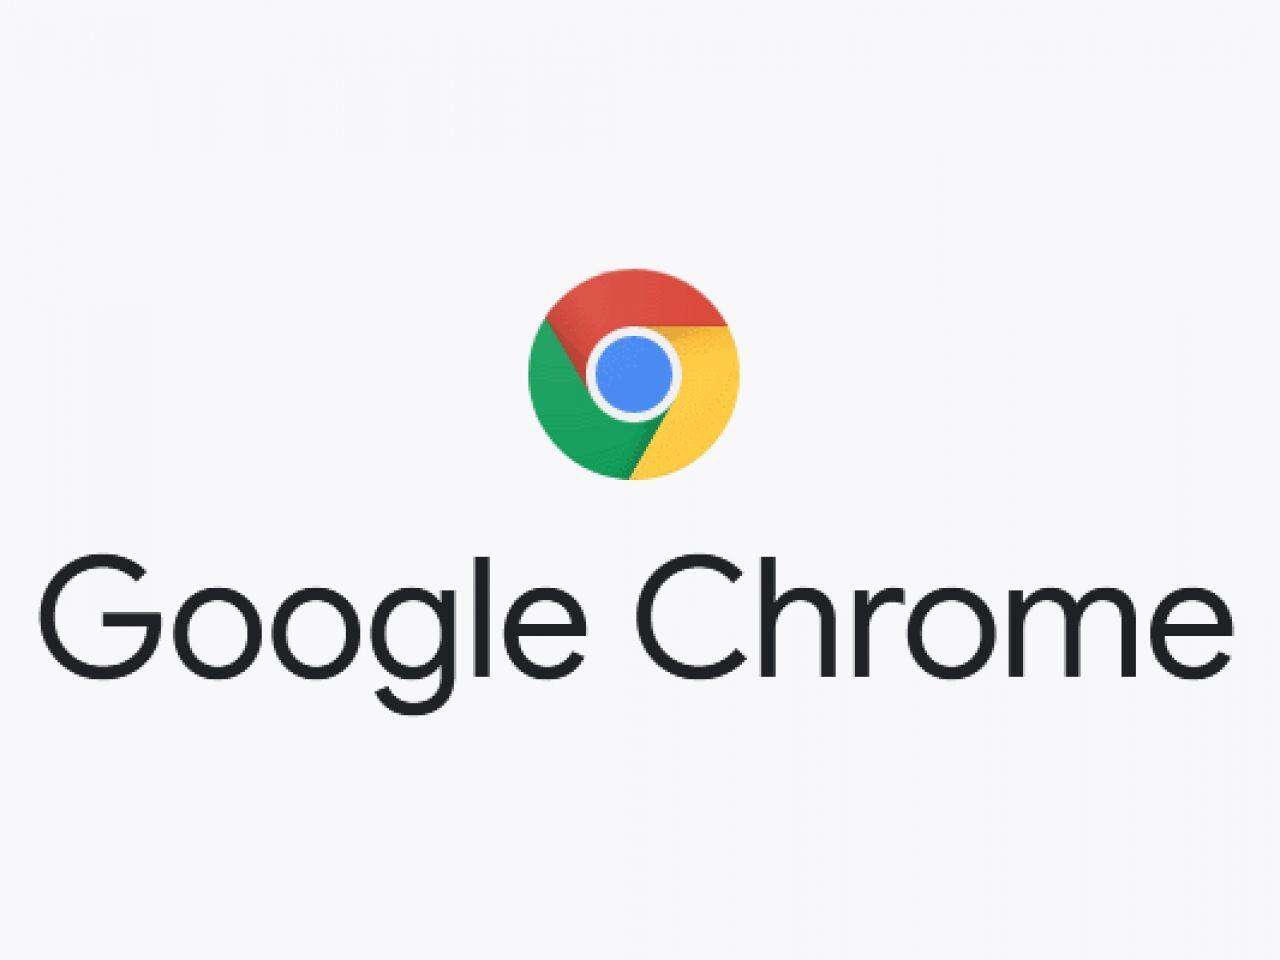 グーグル、「Chrome」で混在コンテンツのブロック強化へ - ZDNet Japan